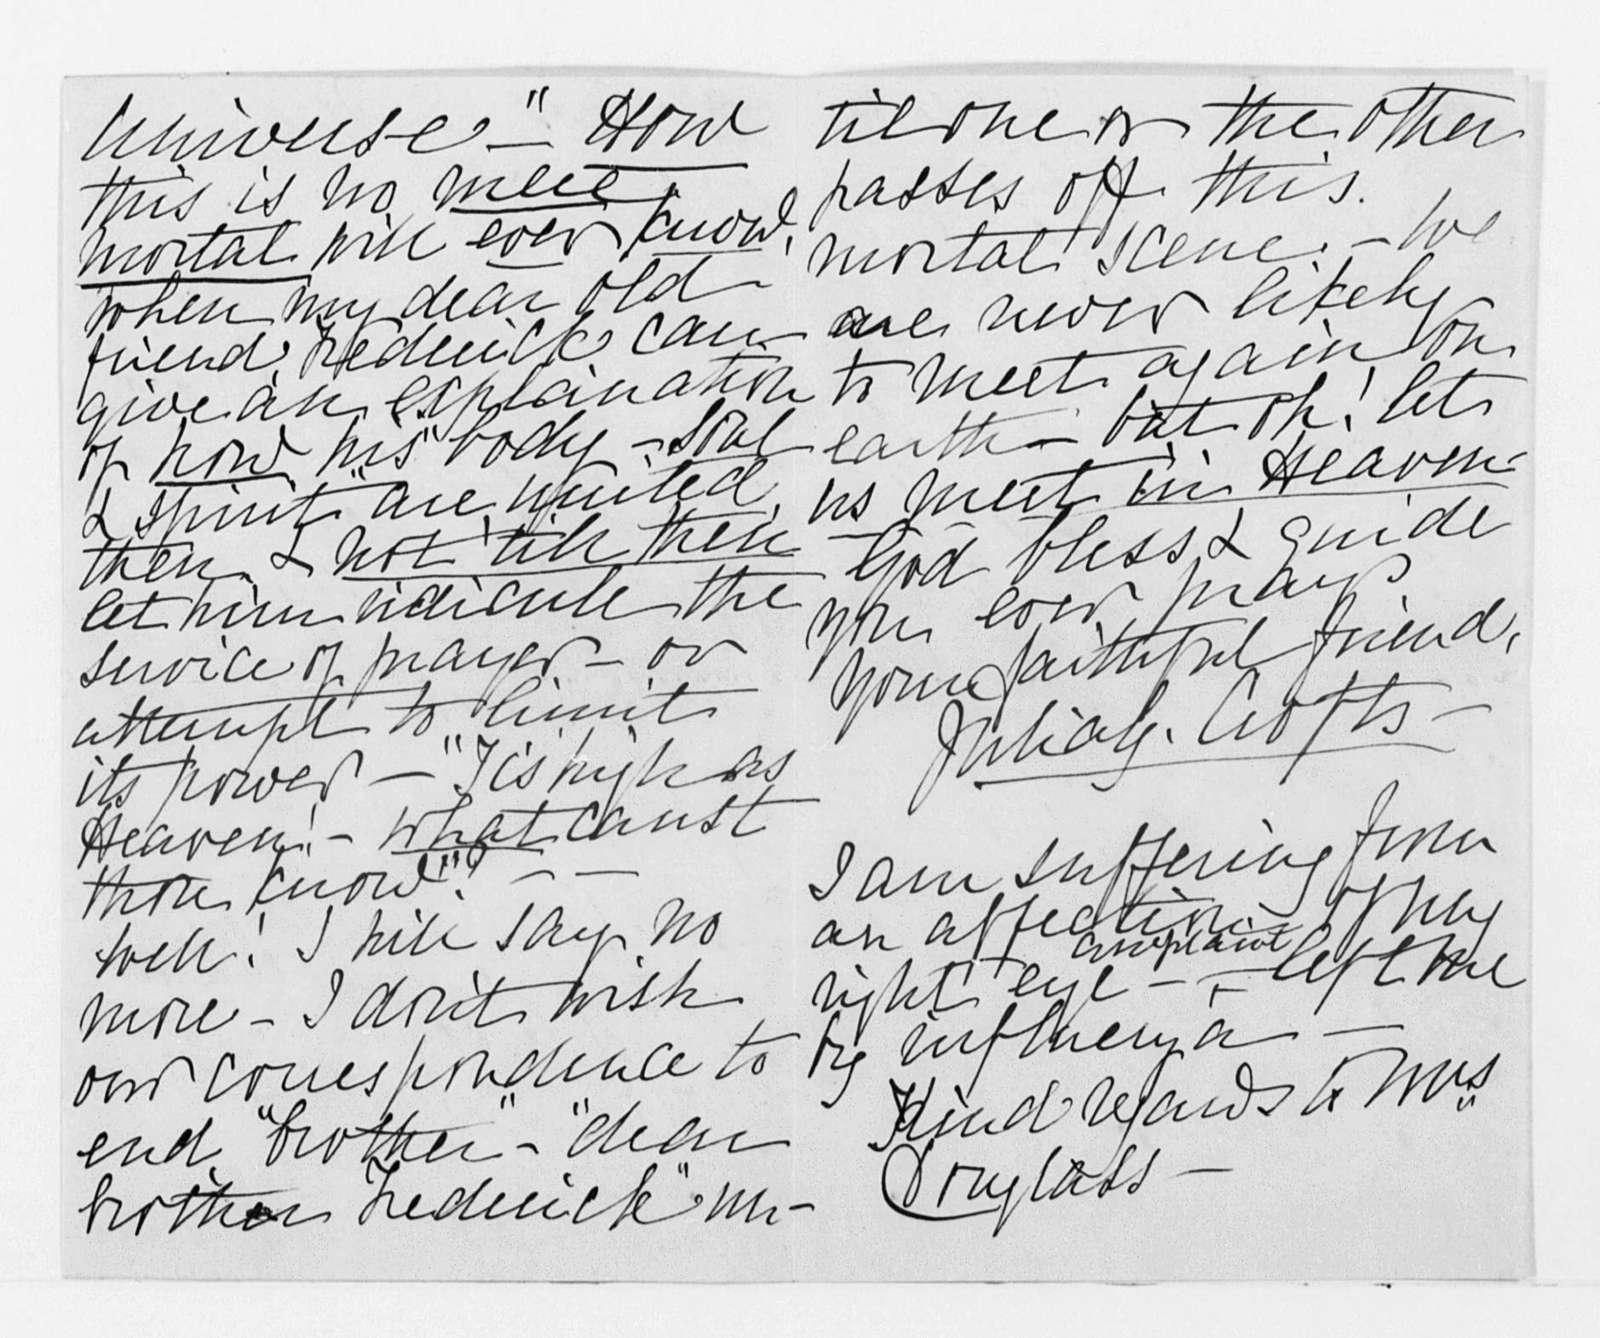 1891 Nov Dec 34 1600